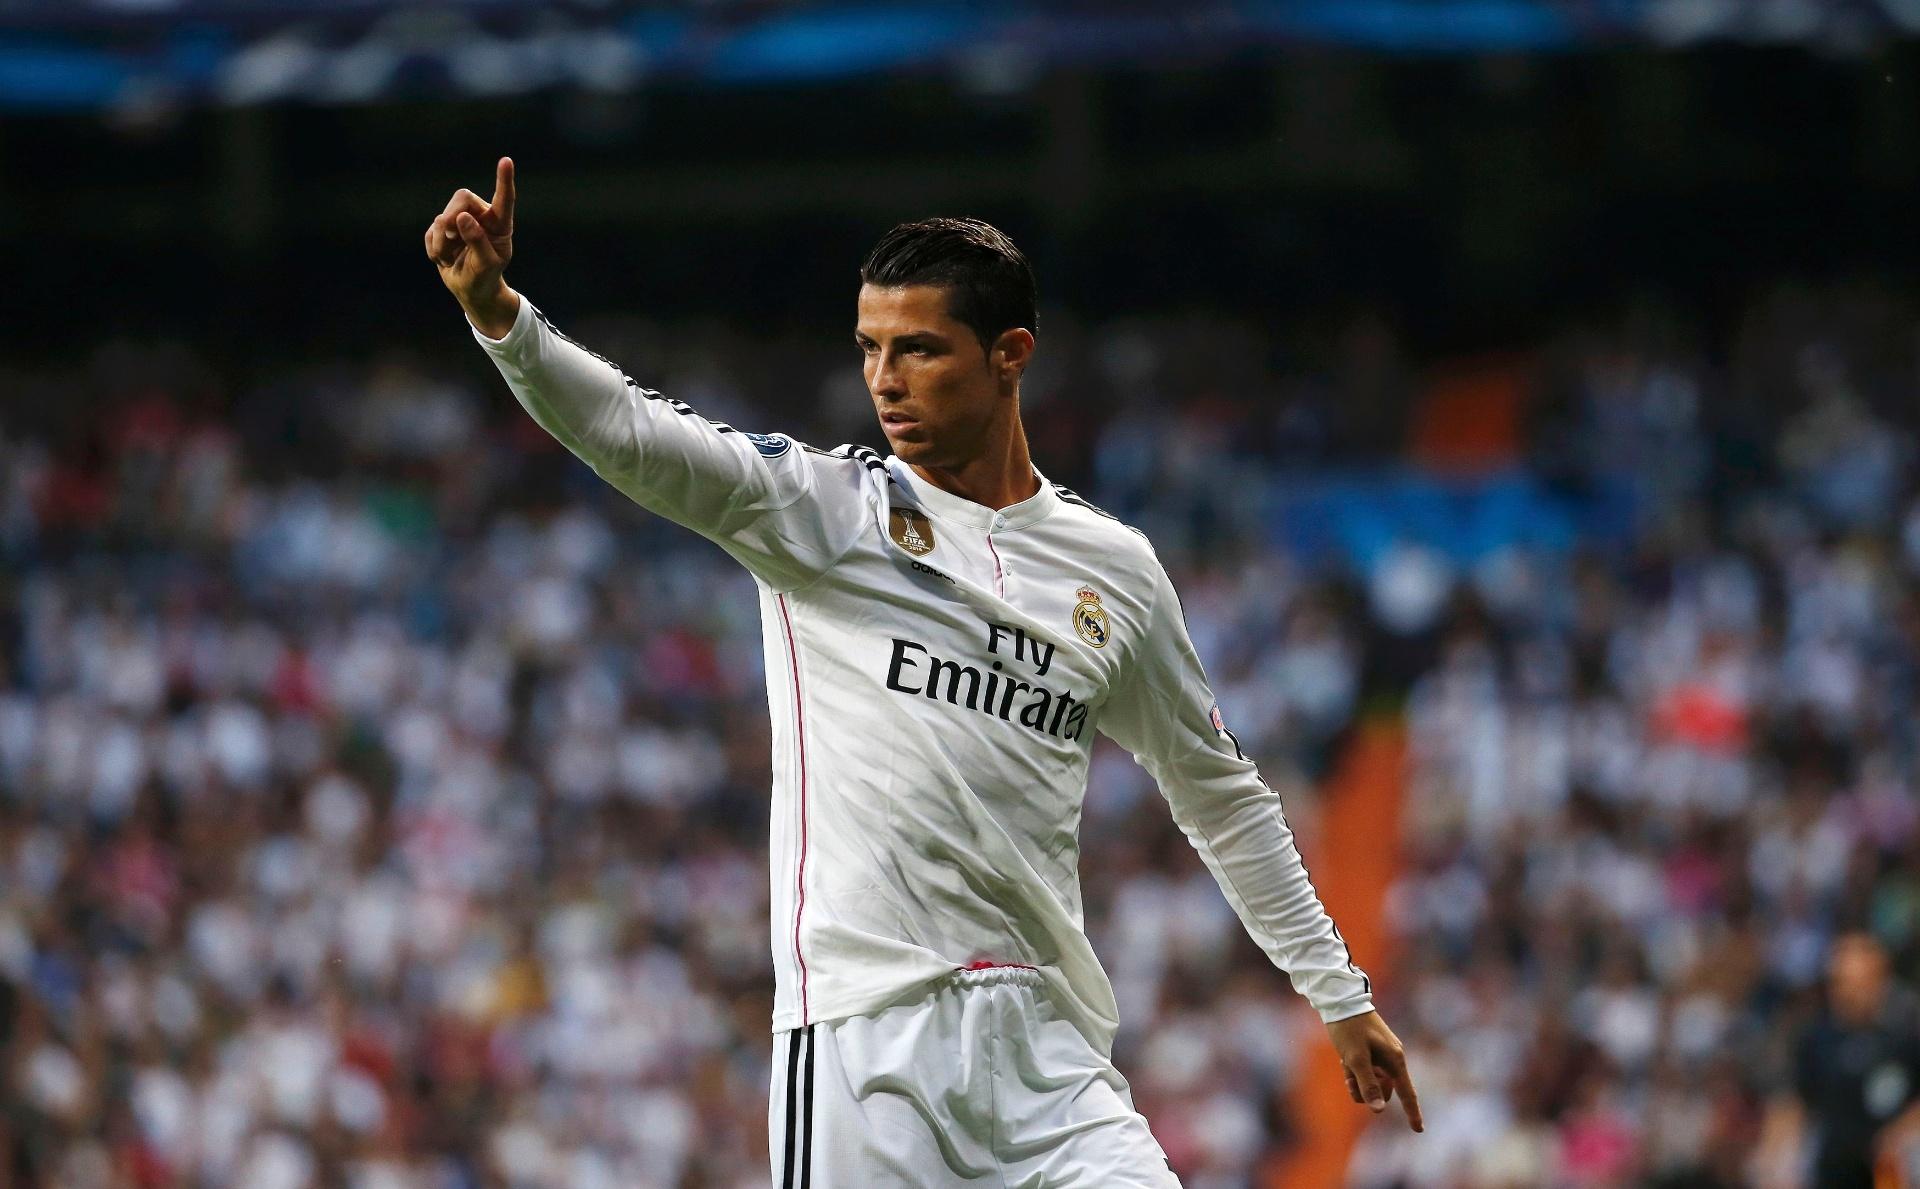 10ef75a615 CR7 iguala número de jogos do United. Média de gols no Real é incomparável  - 25 04 2015 - UOL Esporte